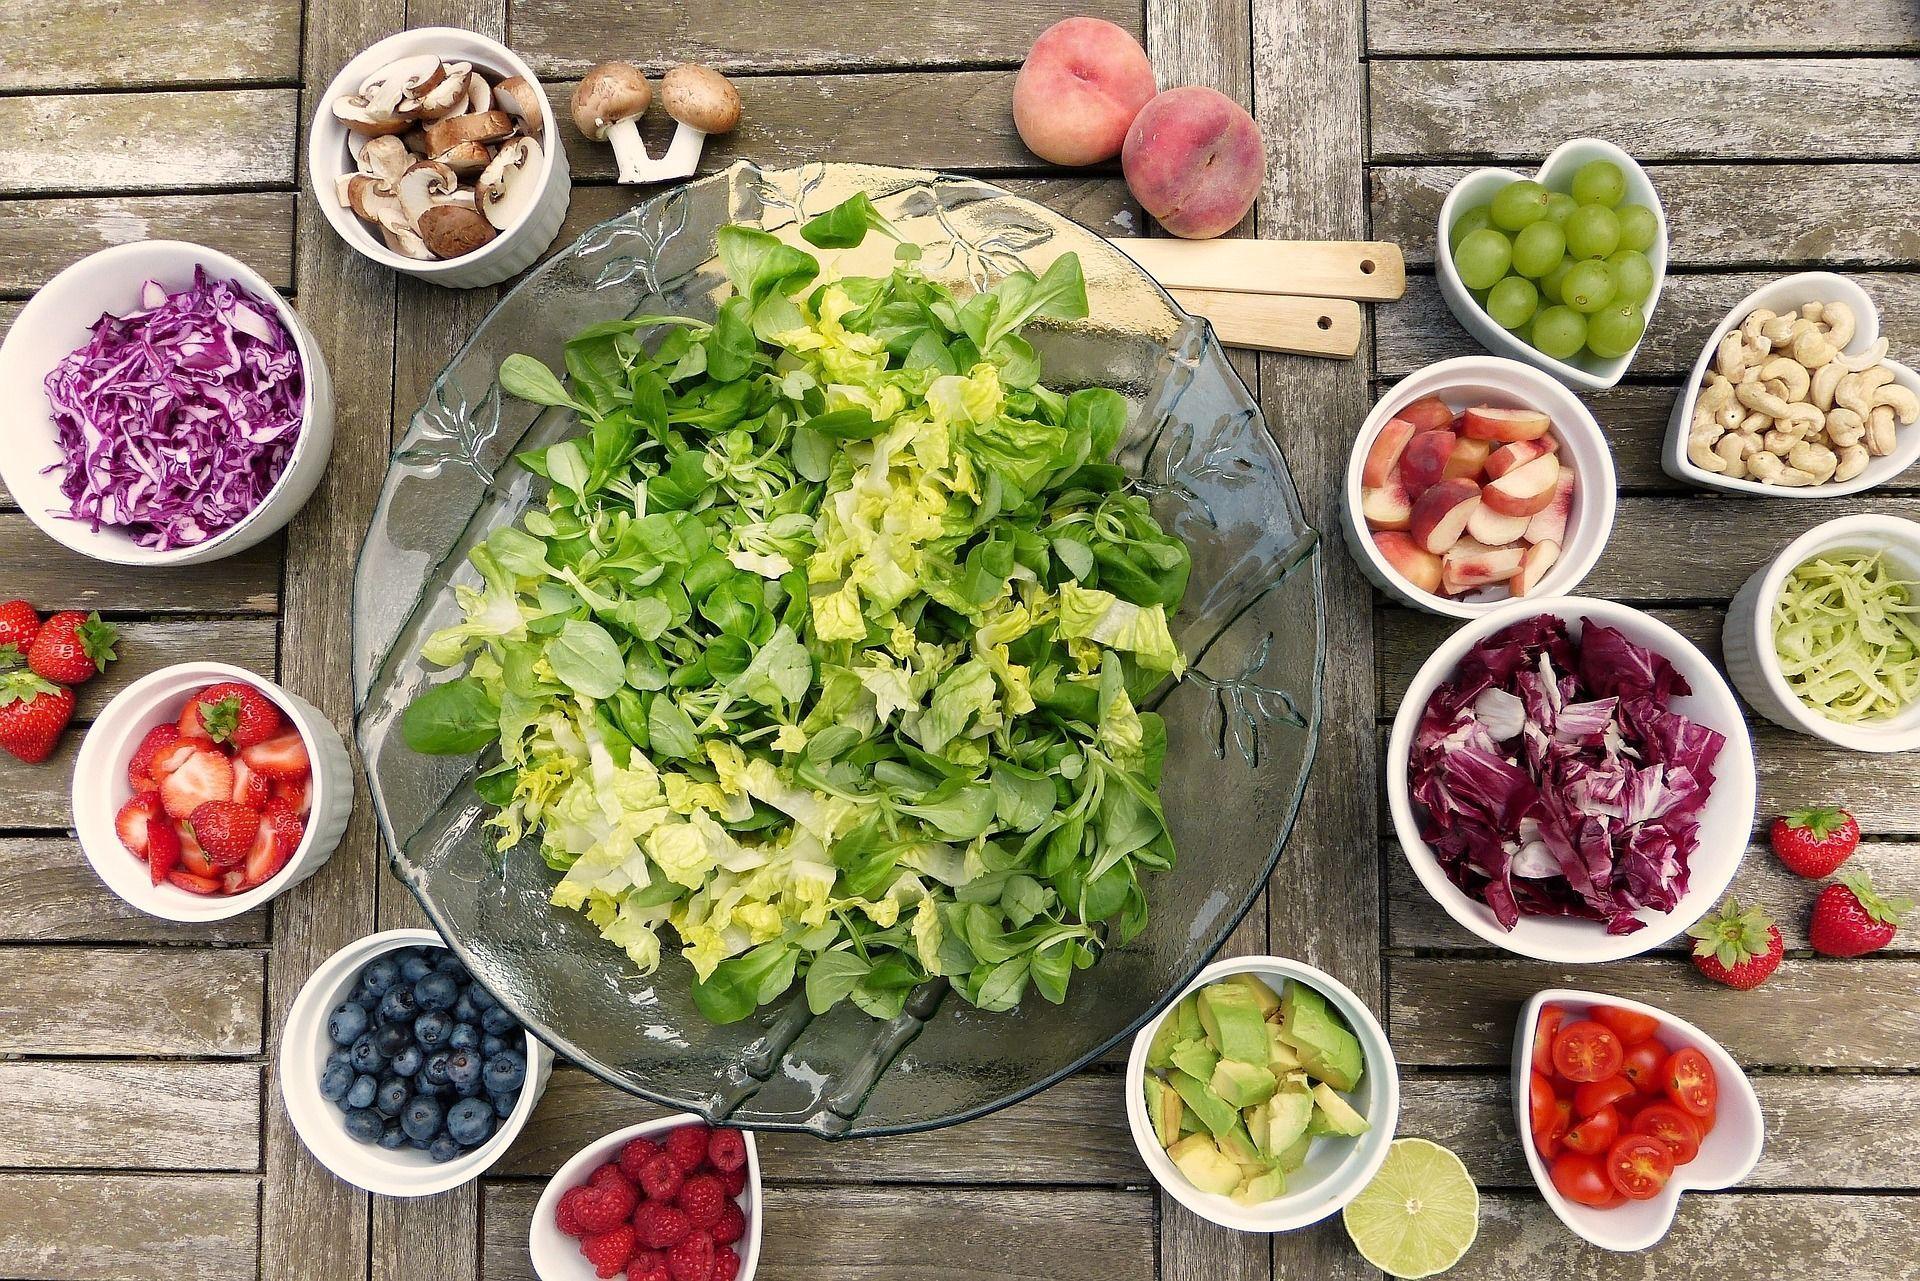 веганська їжа, овочі, їжа, дієта